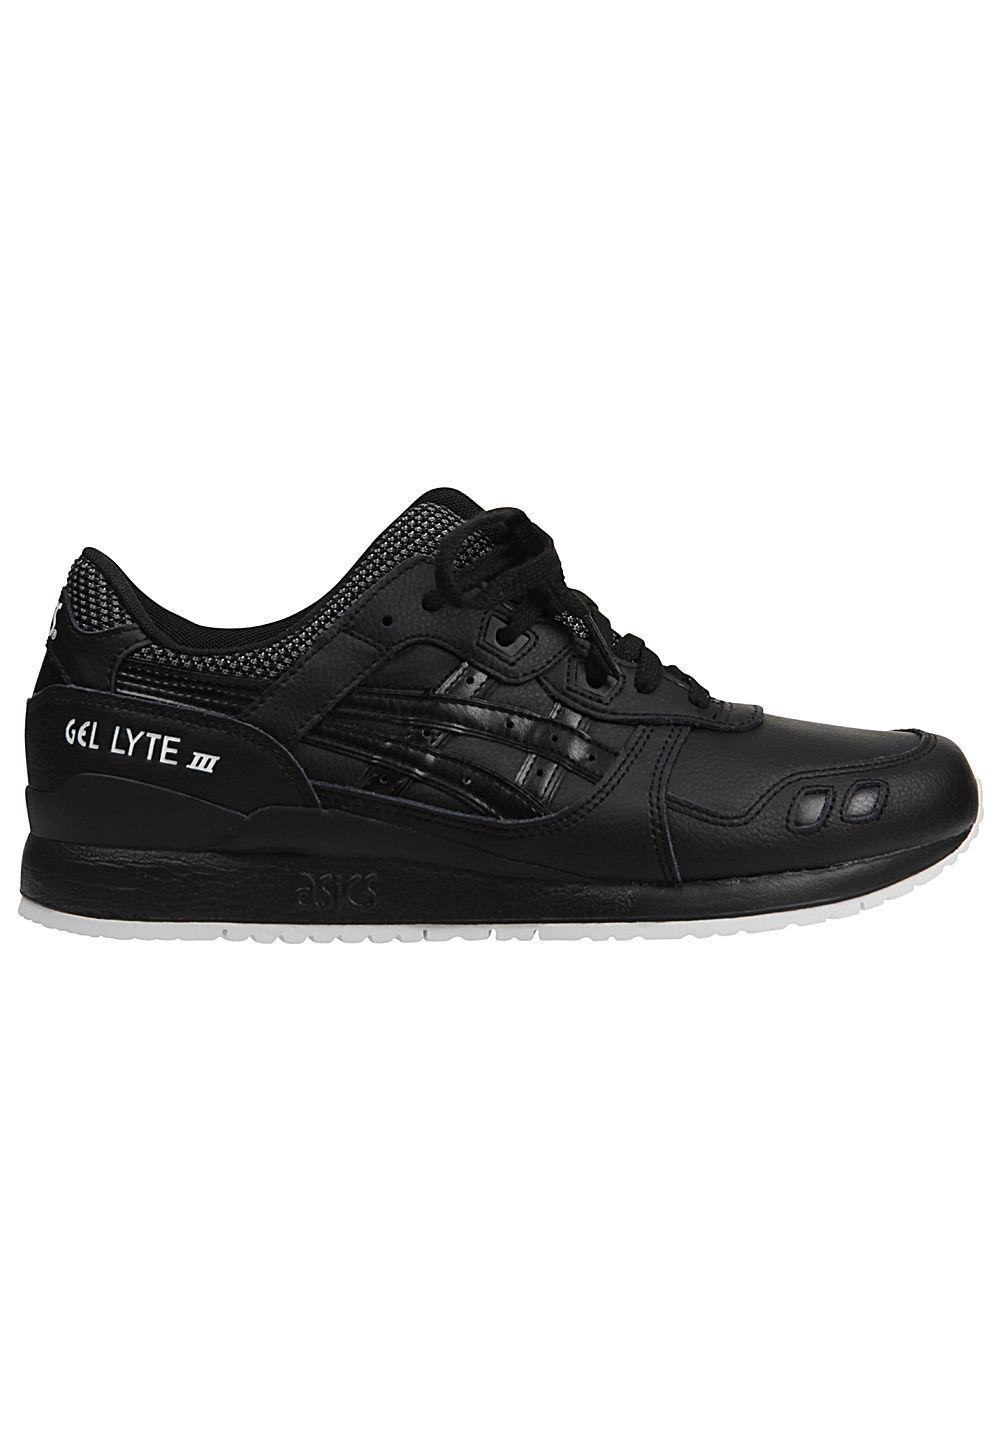 100% authentic c178b 9567b Asics Tiger Gel-Lyte III - Baskets pour Homme - Noir